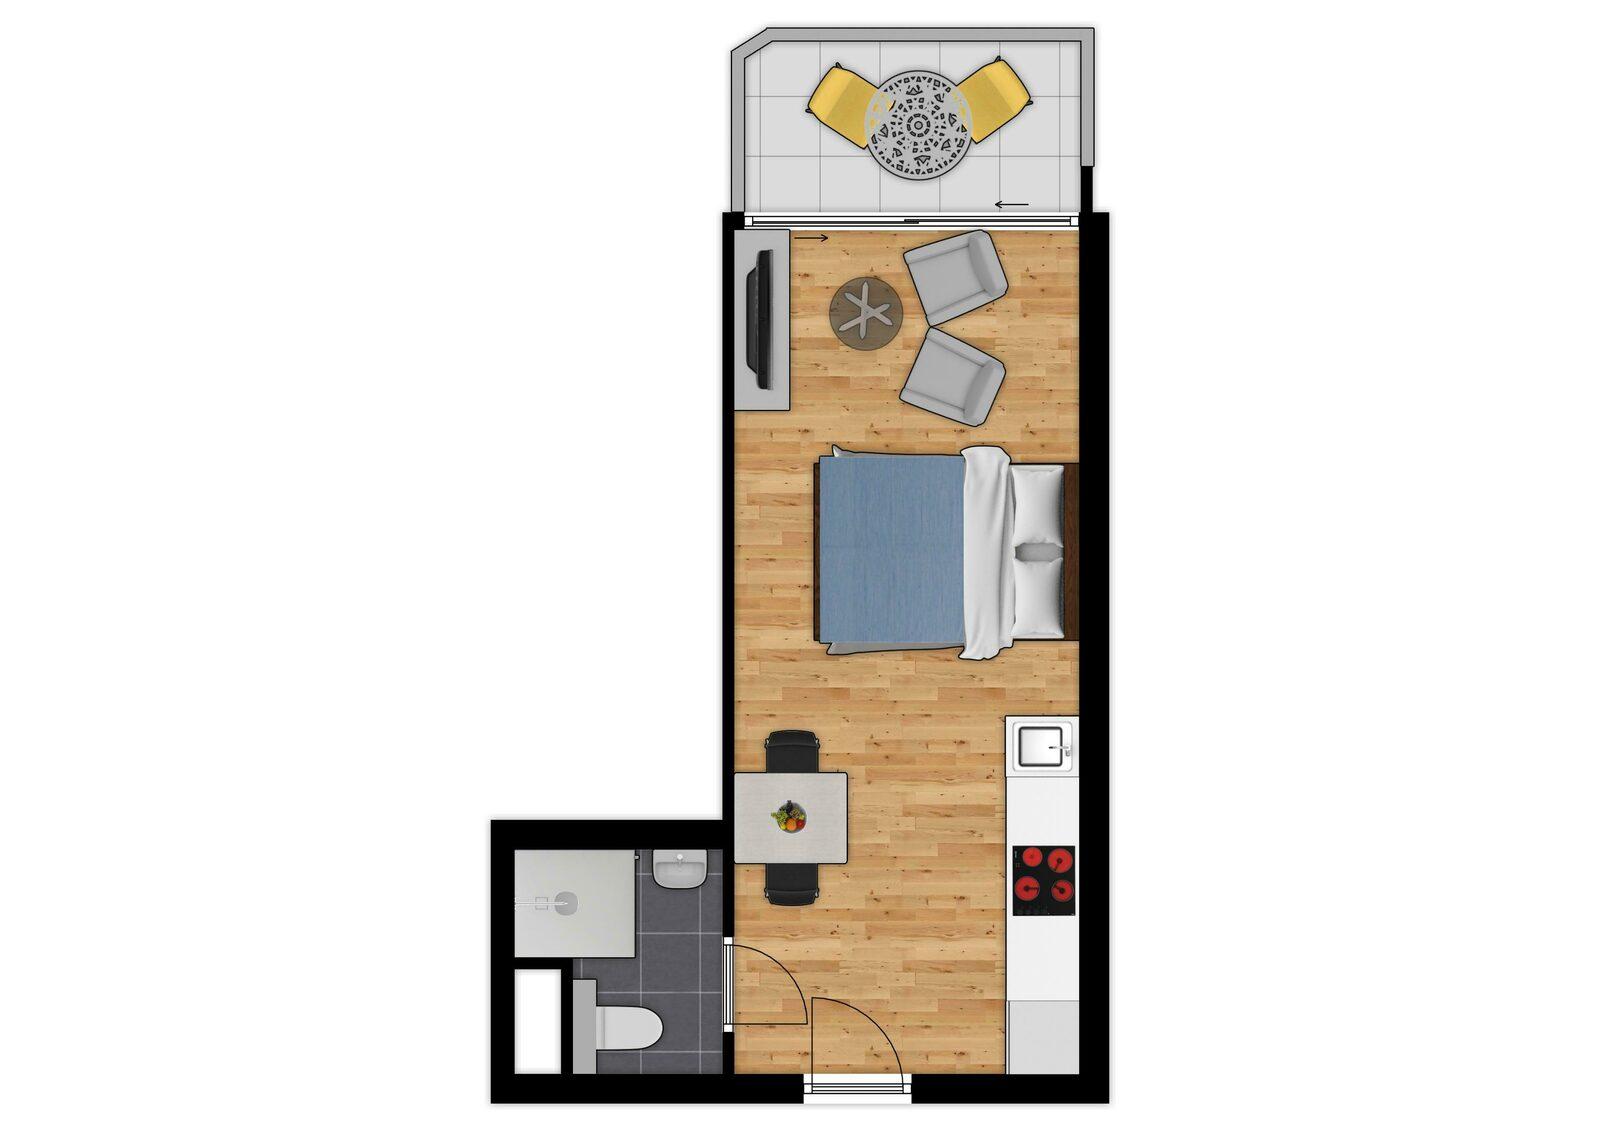 Essential Suite - 2p | Dubbelbed | Balkon - Stadszicht